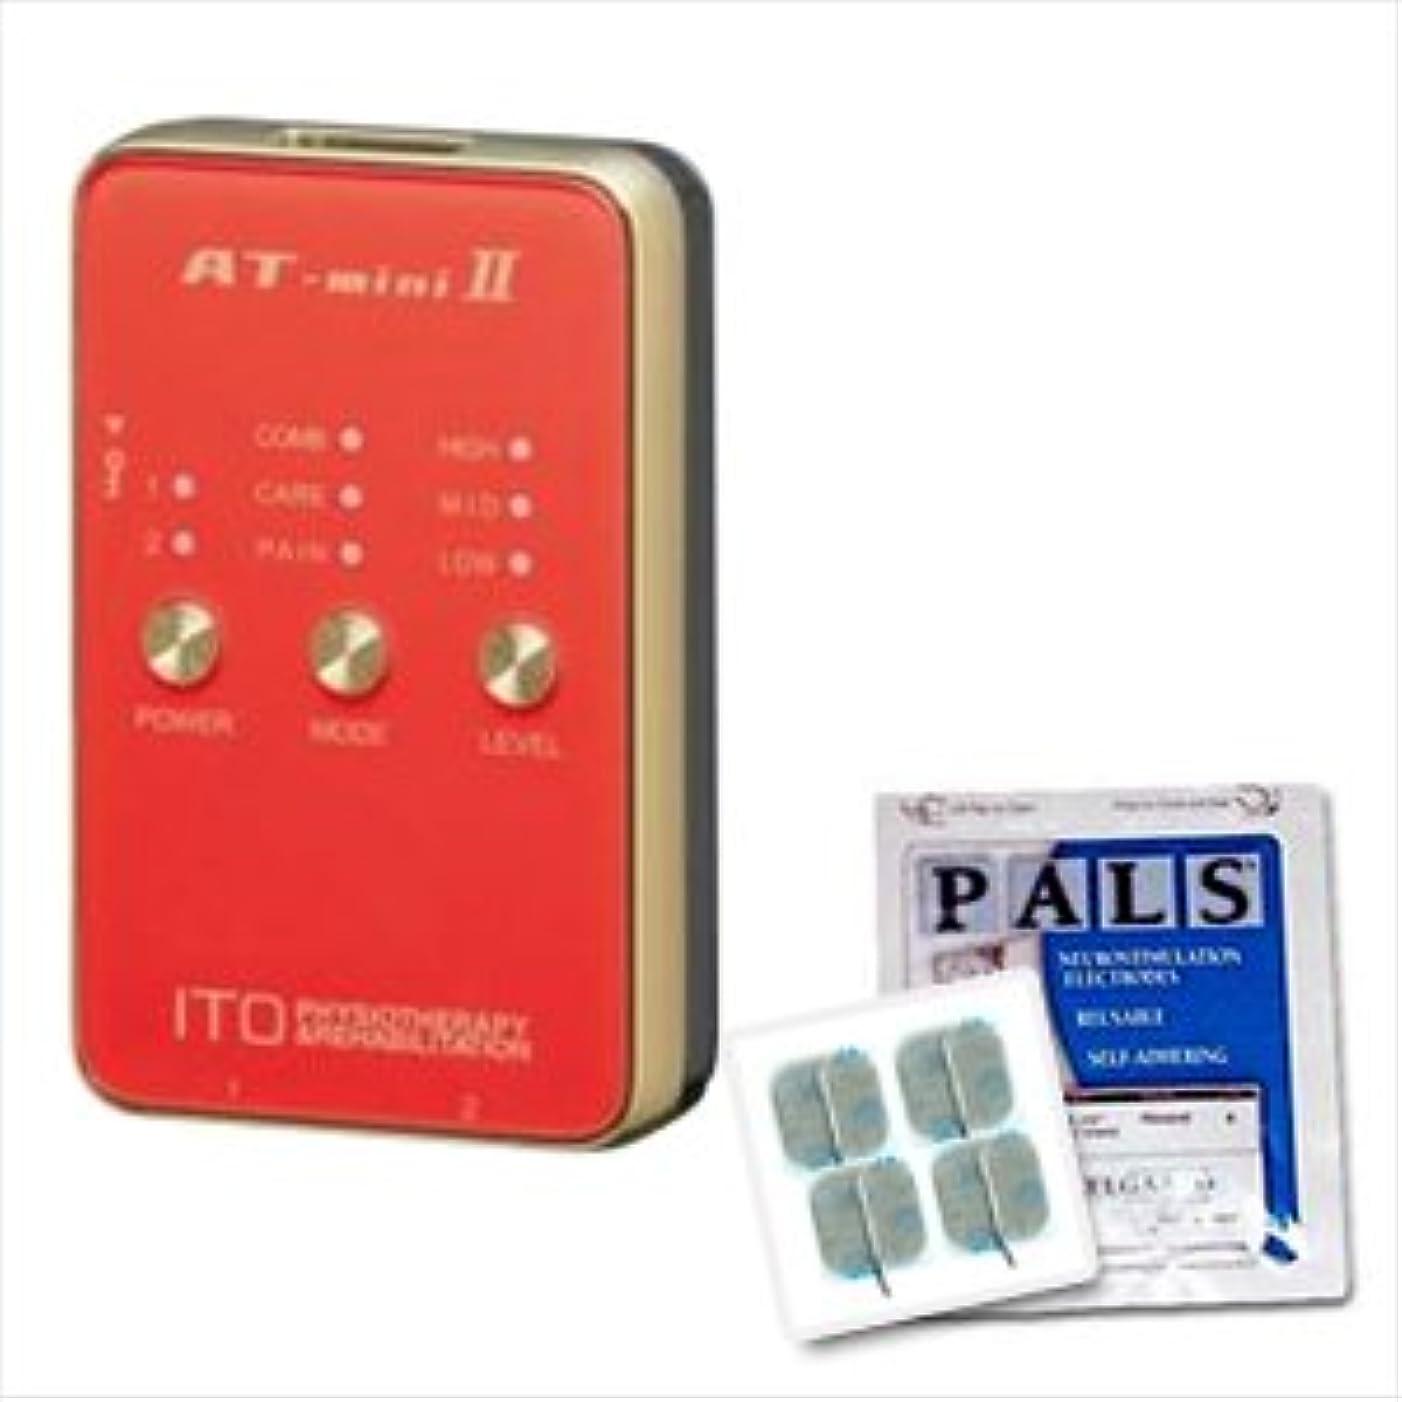 ダイヤル秘書未亡人低周波治療器 AT-mini II オレンジ +アクセルガードMサイズ(5x5cm:1袋4枚入)セット